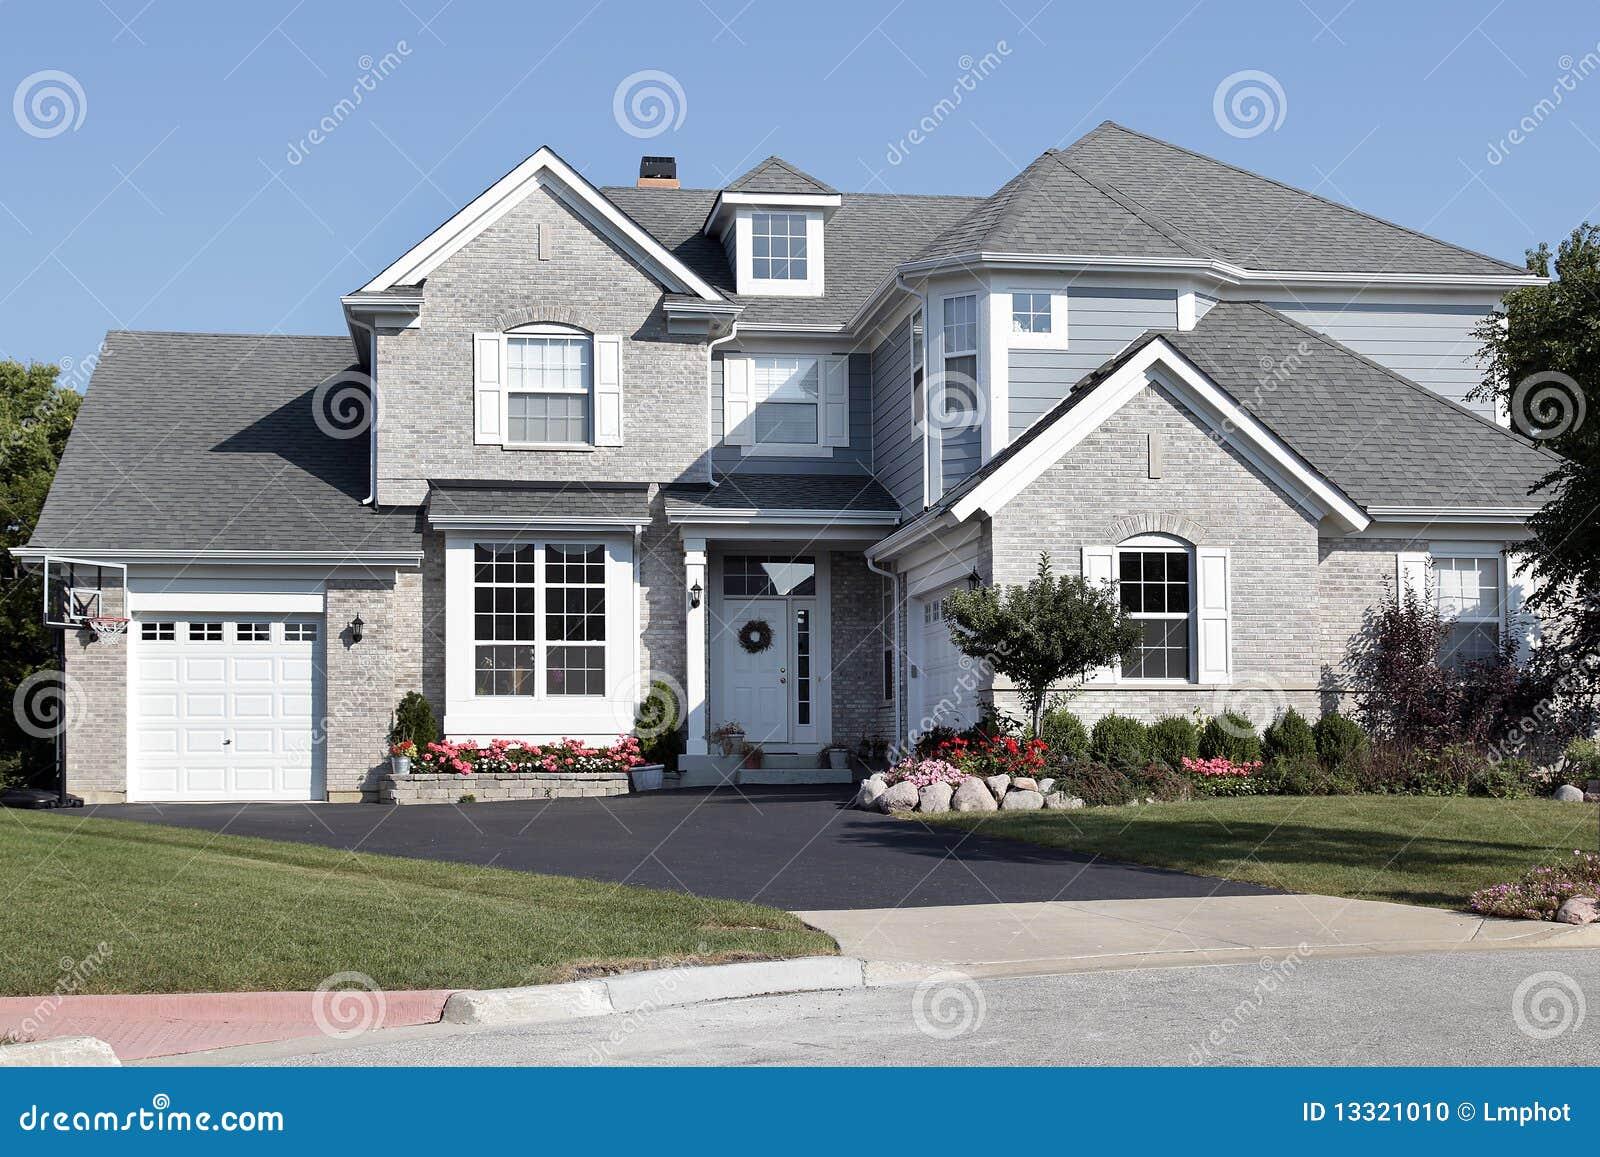 蓝色砖房子房屋板壁